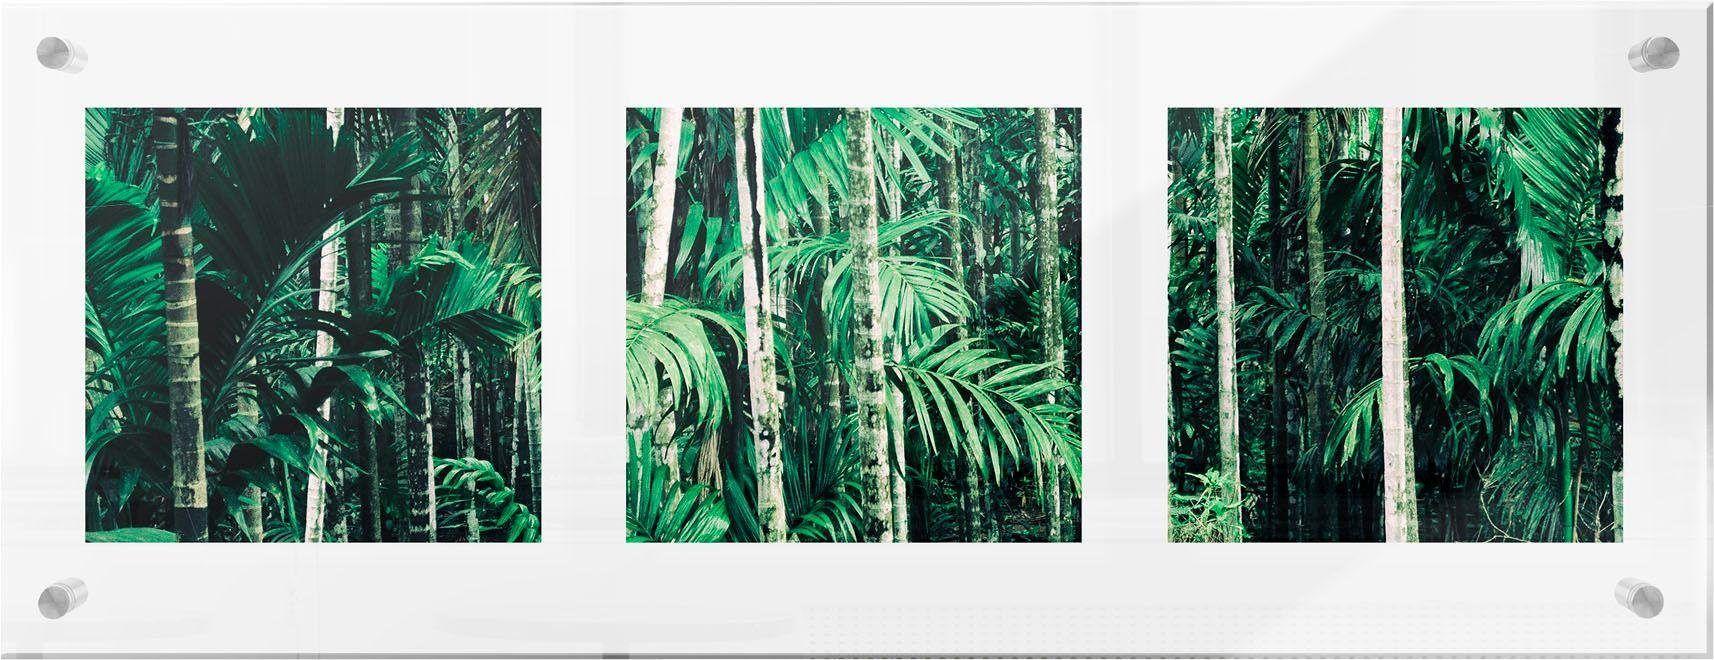 Premium collection by Home affaire Glasbild grün, (B/H): 78/28cm, »Im Dschungel« Jetzt bestellen unter: https://moebel.ladendirekt.de/dekoration/bilder-und-rahmen/bilder/?uid=bda33bbd-655e-5ff6-84cf-efb6d855f676&utm_source=pinterest&utm_medium=pin&utm_campaign=boards #glasbild #bilder #rahmen #dekoration